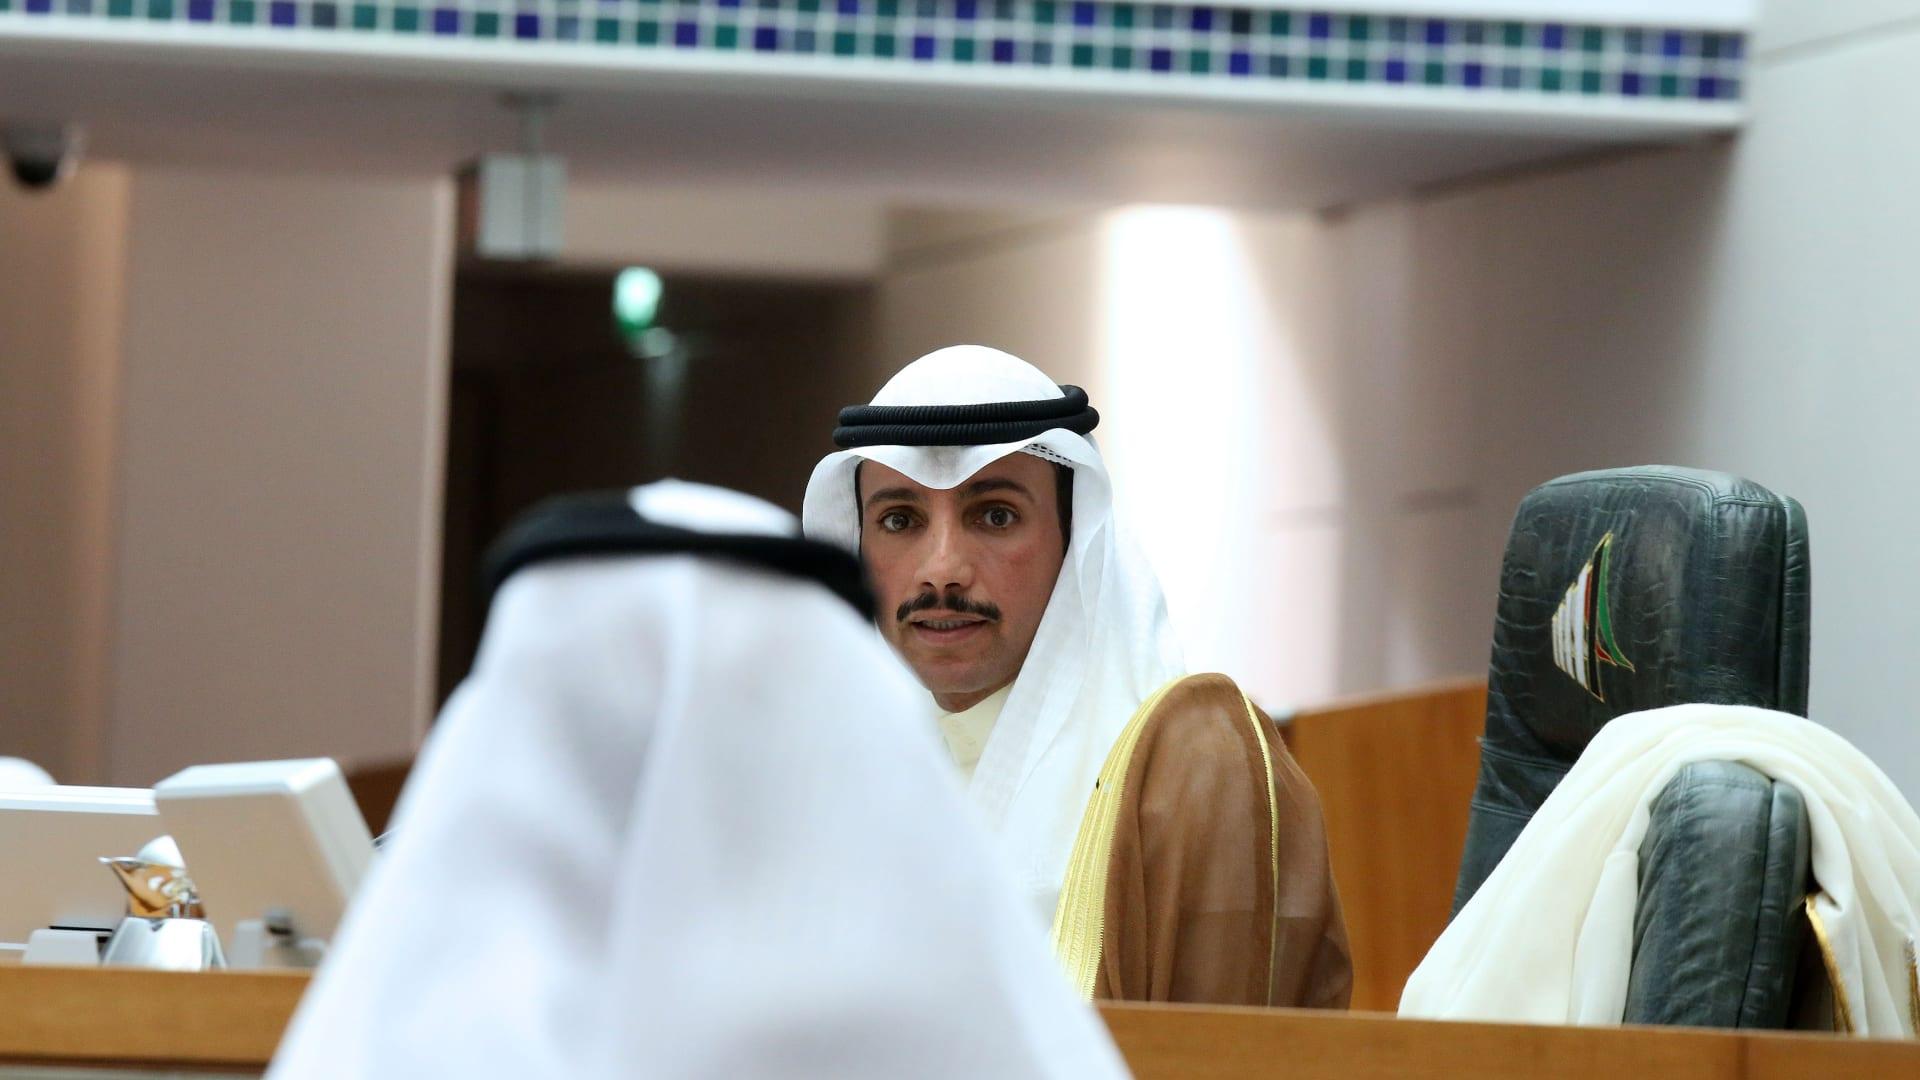 استقبال وفد أحوازي بالكويت يثير عاصفة من الجدل.. وإيران تستدعي القائم بالأعمال الكويتي